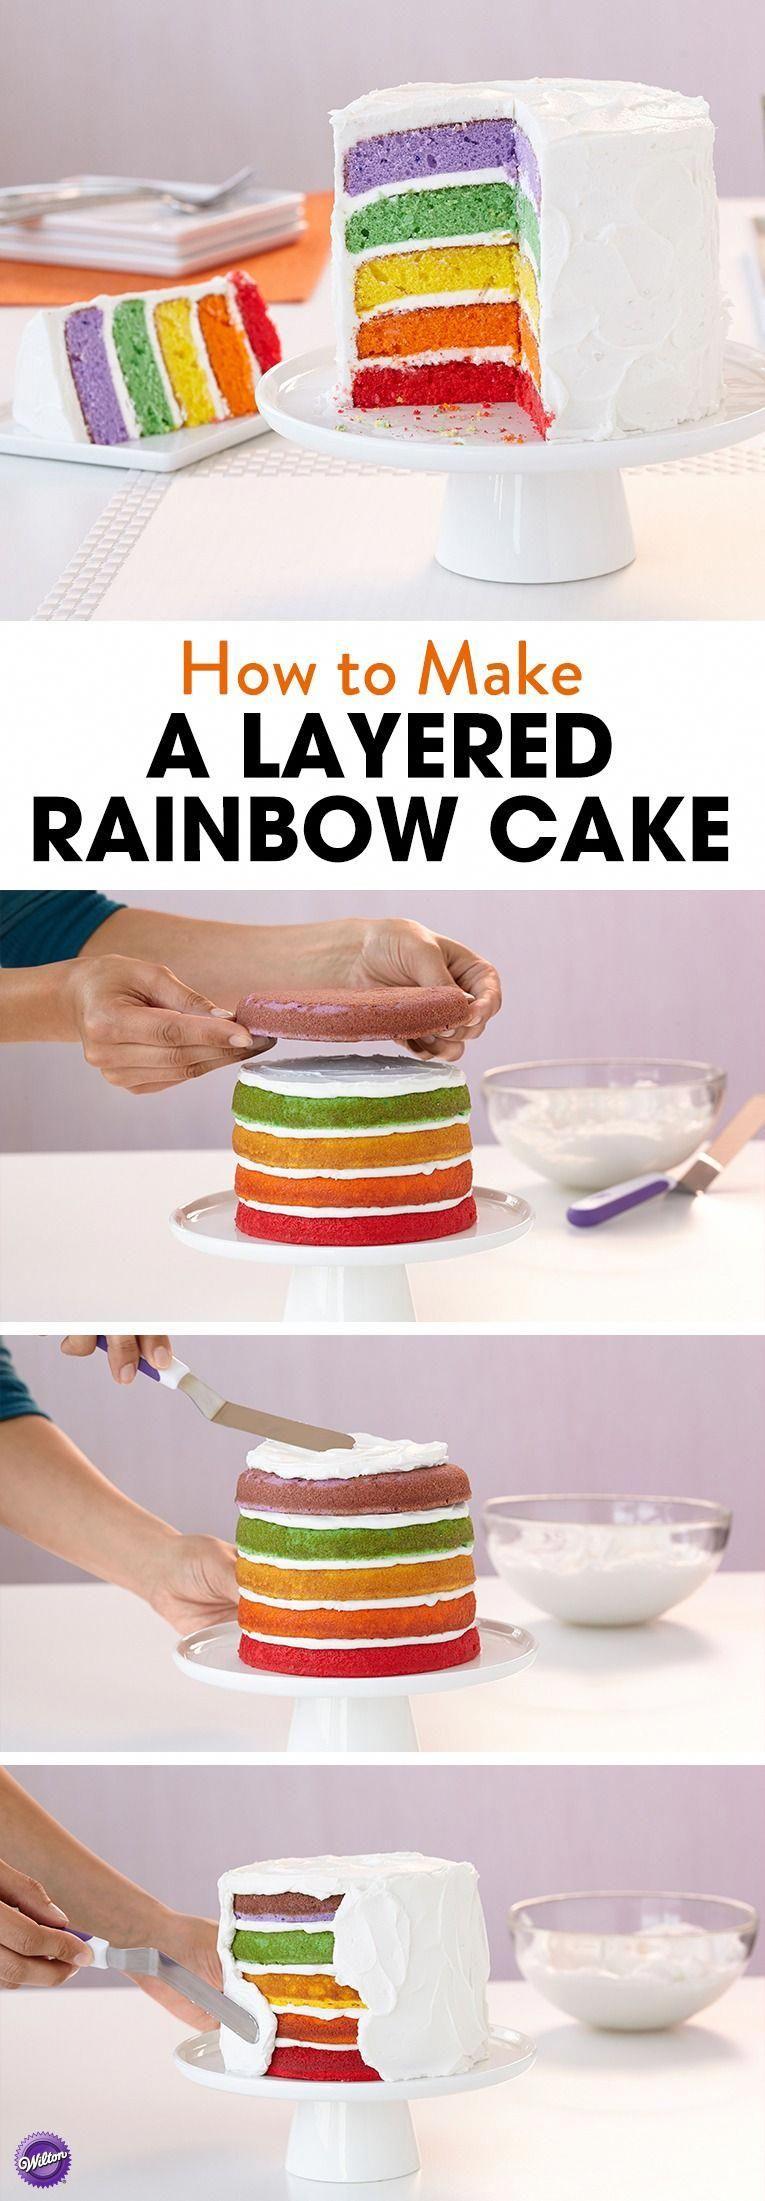 Photo of #rainbowcake